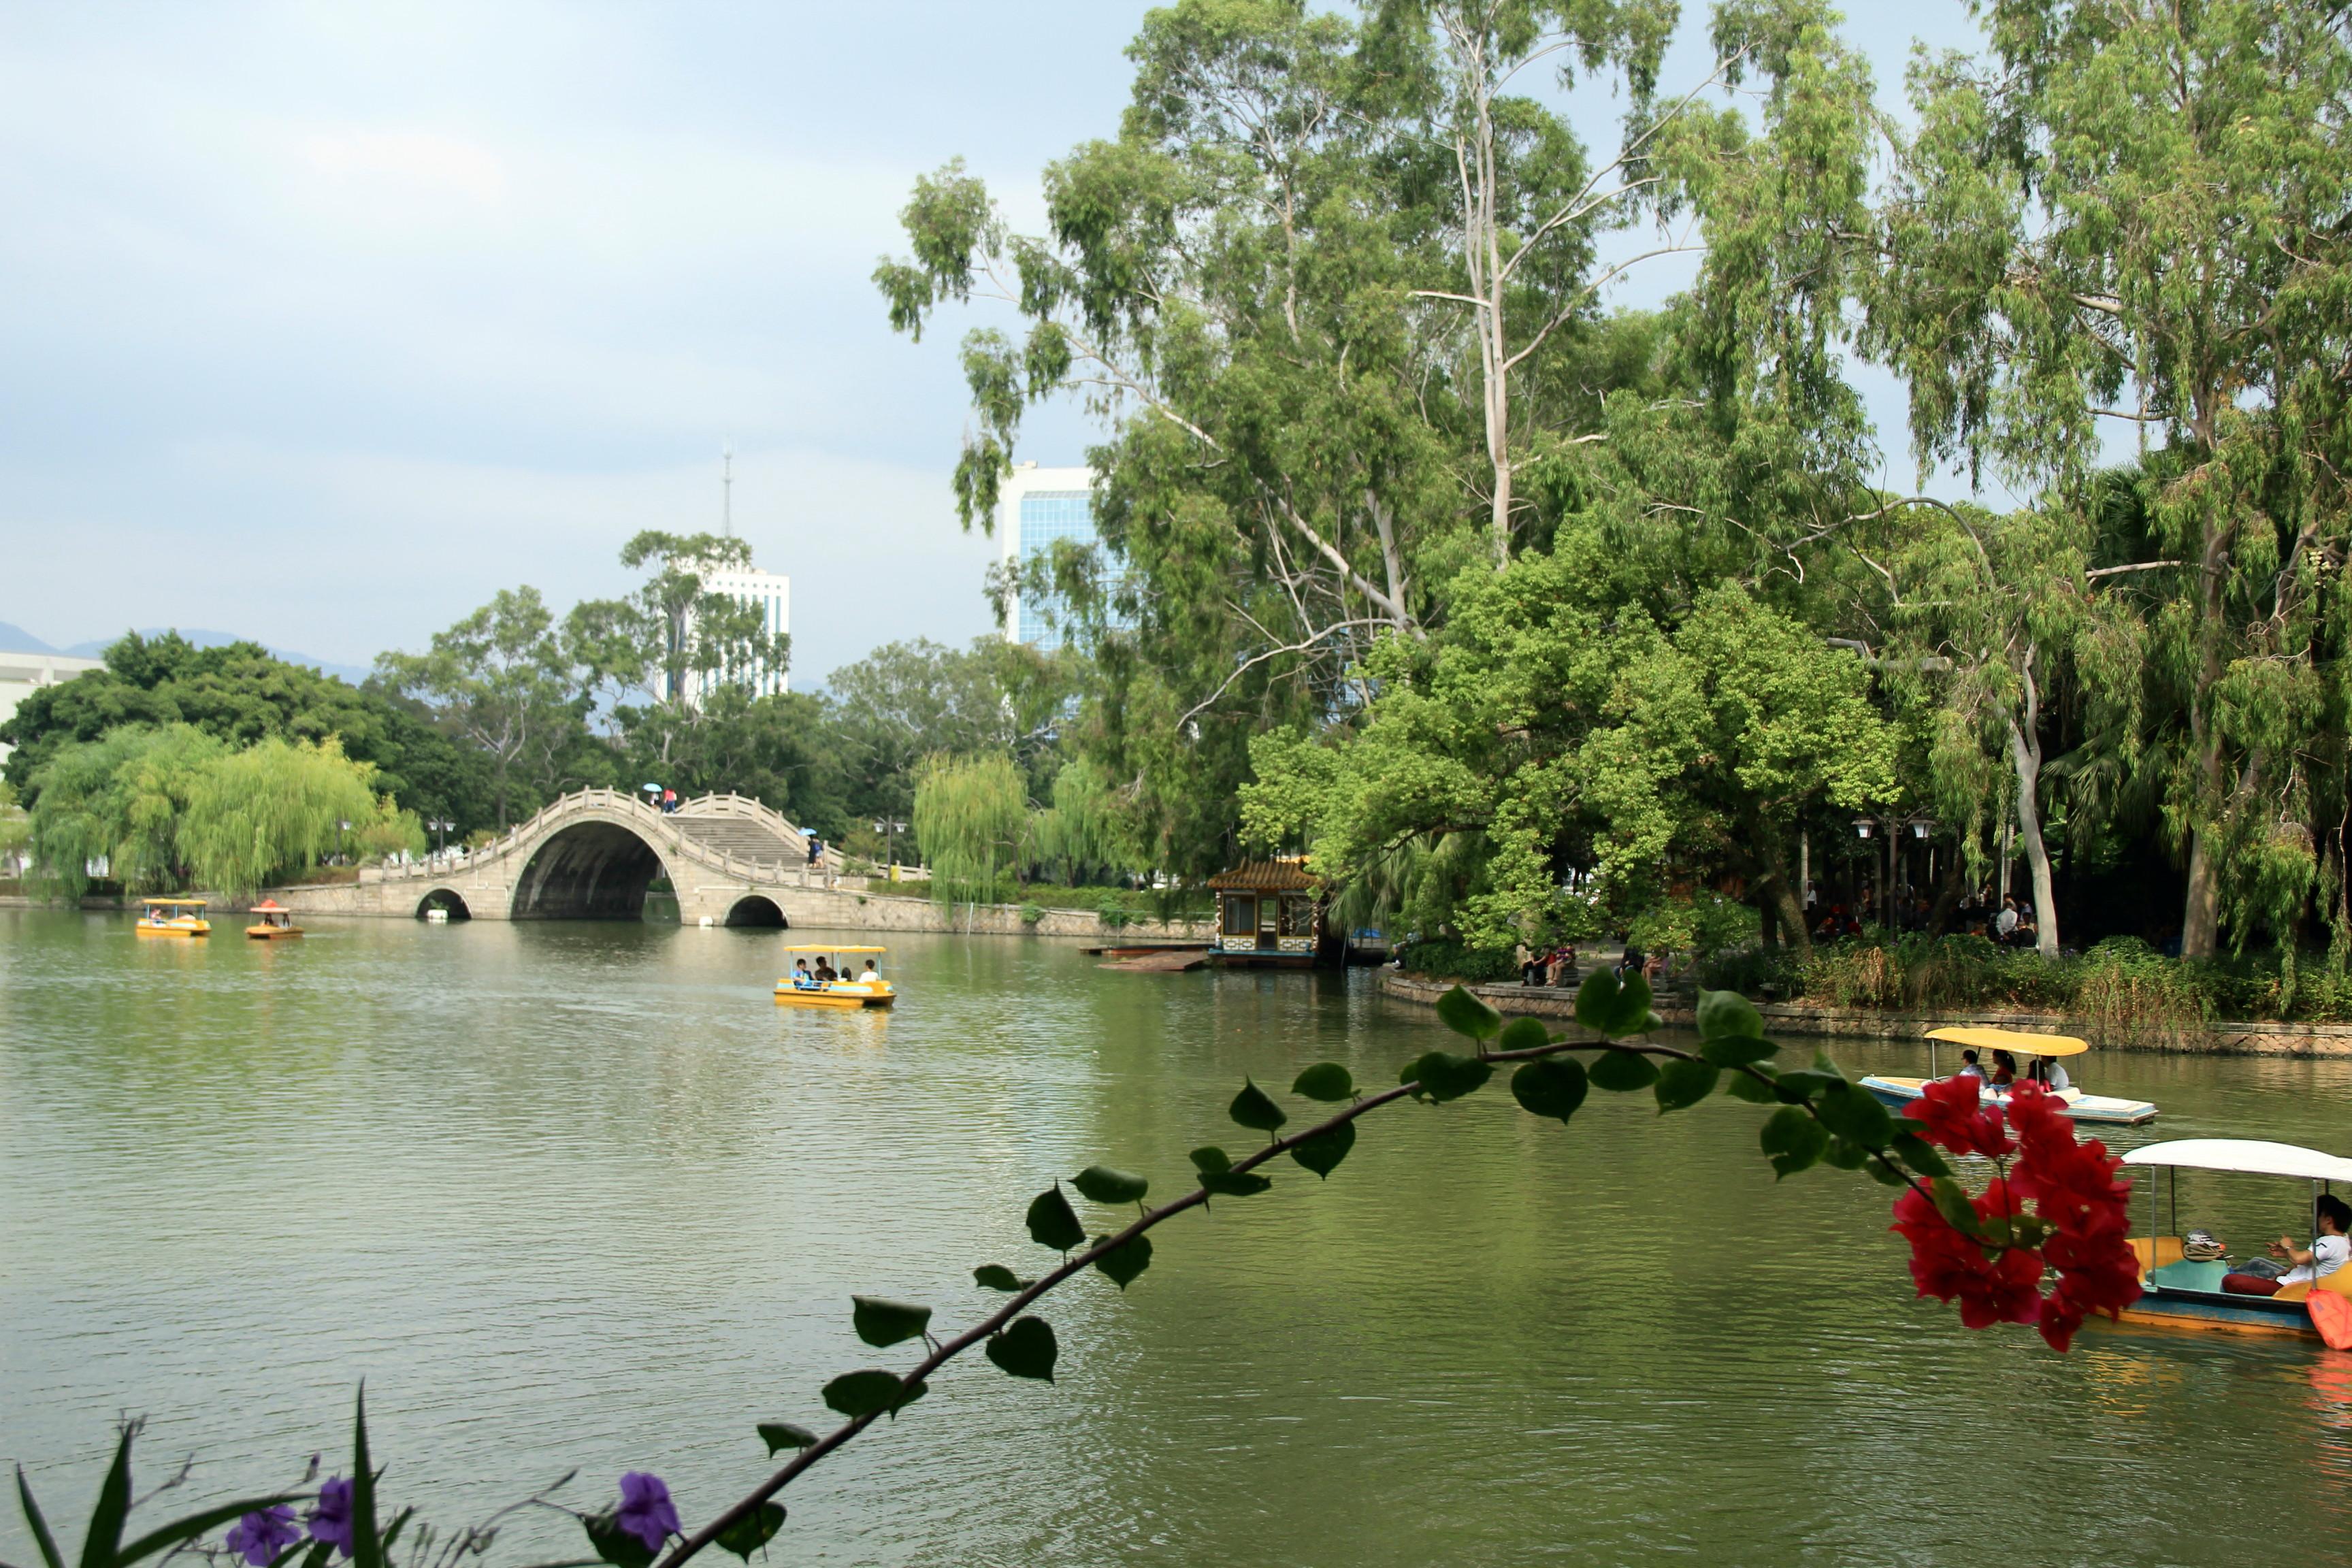 【攜程攻略】福建福州西湖公園好玩嗎